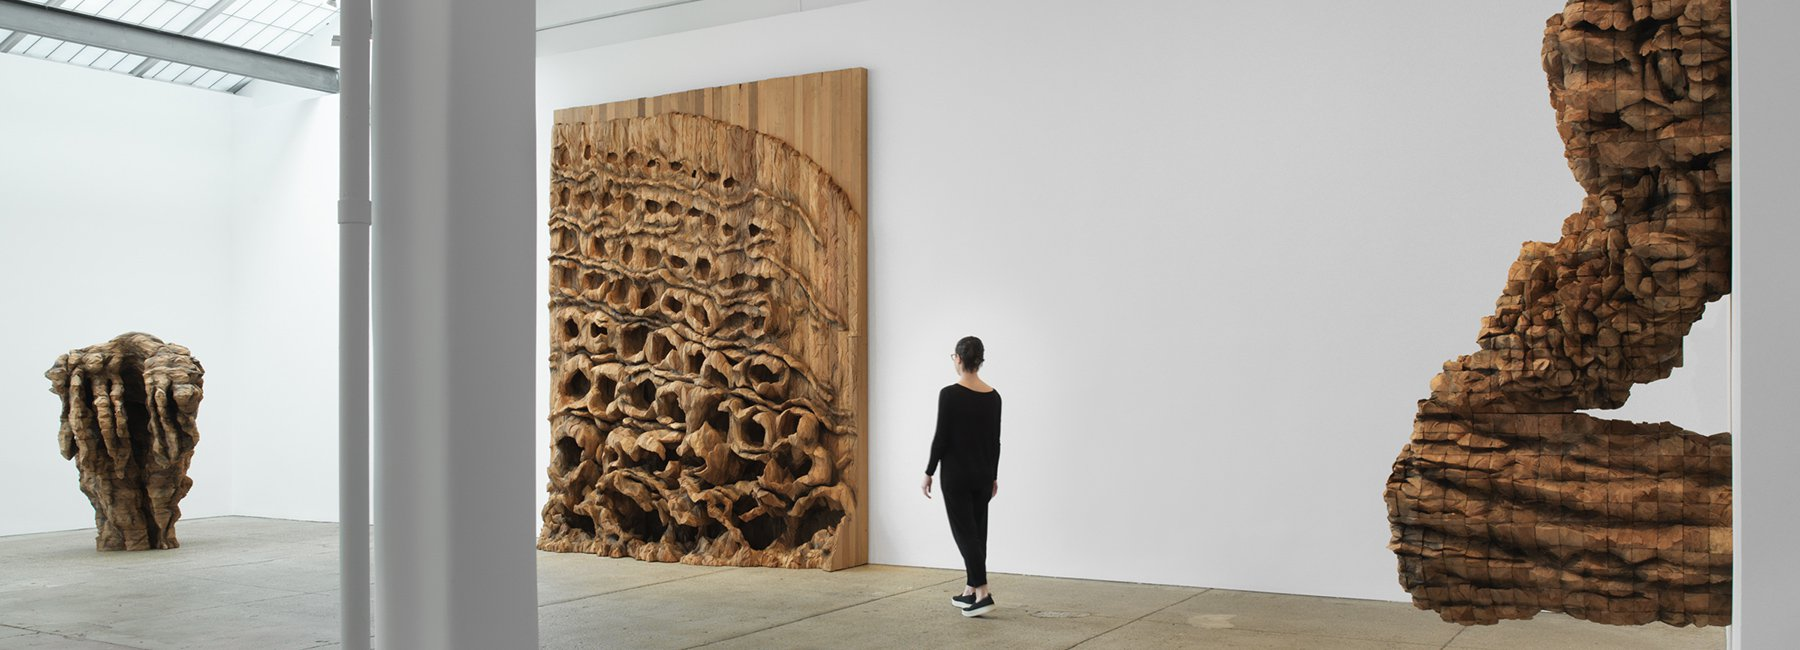 مجسمه های غول پیکر خشمگین در گالریlelong & co نیویورک